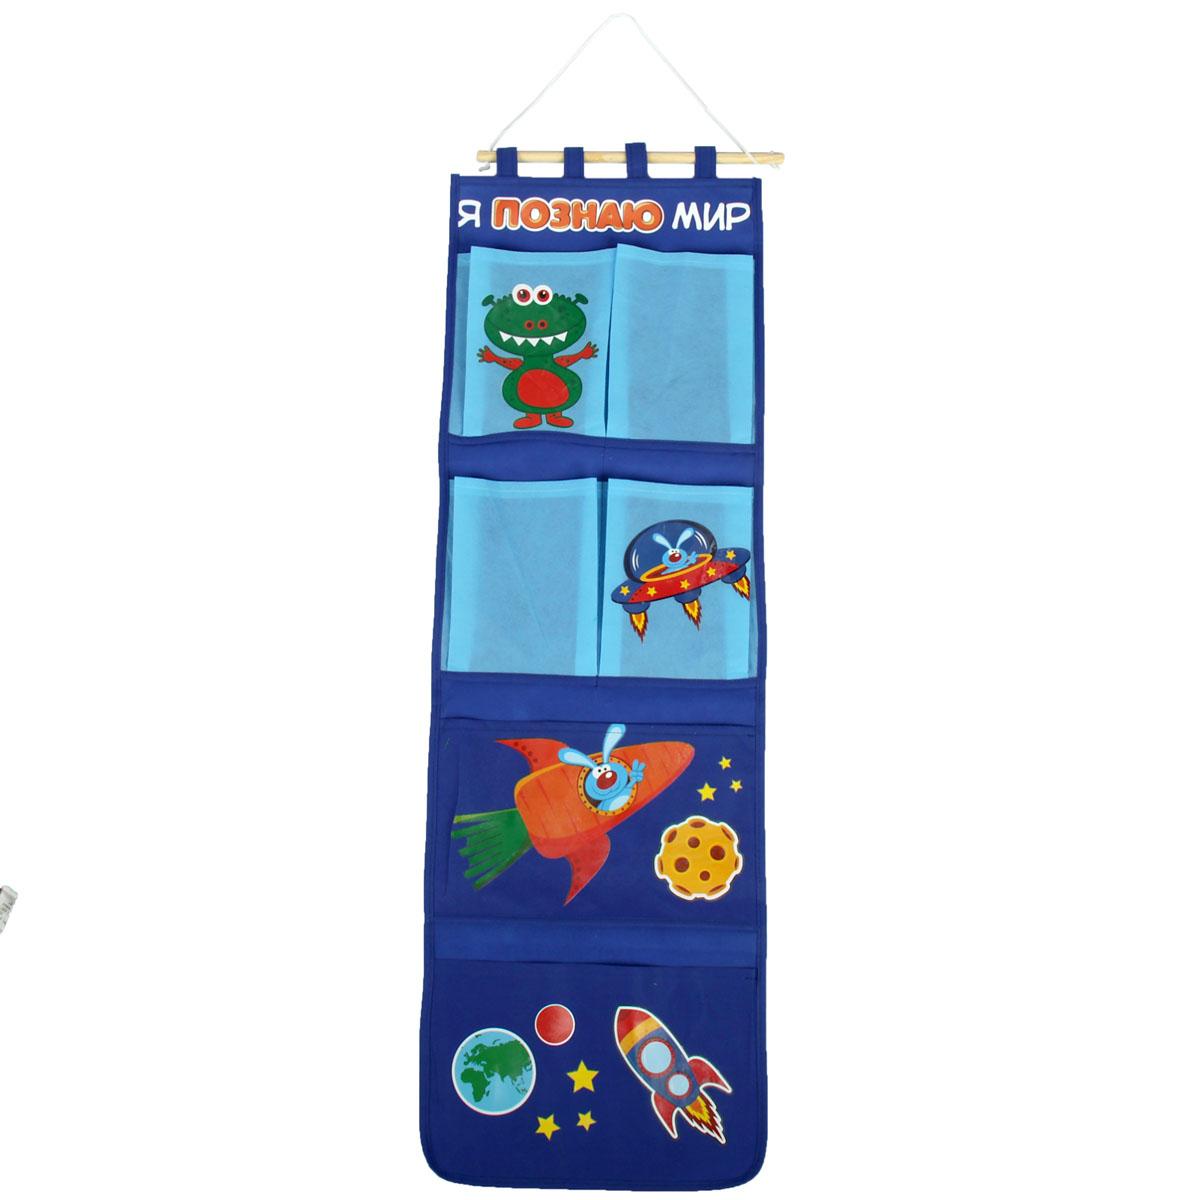 Кармашки на стену Sima-land Я познаю мир, цвет: голубой, синий, желтый, 6 шт906884Кармашки на стену Sima-land «Я познаю мир», изготовленные из текстиля, предназначены для хранения необходимых вещей, множества мелочей в гардеробной, ванной, детской комнатах. Изделие представляет собой текстильное полотно с шестью пришитыми кармашками. Благодаря деревянной планке и шнурку, кармашки можно подвесить на стену или дверь в необходимом для вас месте. Кармашки декорированы изображениями ракеты из морковки, космического корабля, инопланетянина и надписью «Я познаю мир». Этот нужный предмет может стать одновременно и декоративным элементом комнаты. Яркий дизайн, как ничто иное, способен оживить интерьер вашего дома.